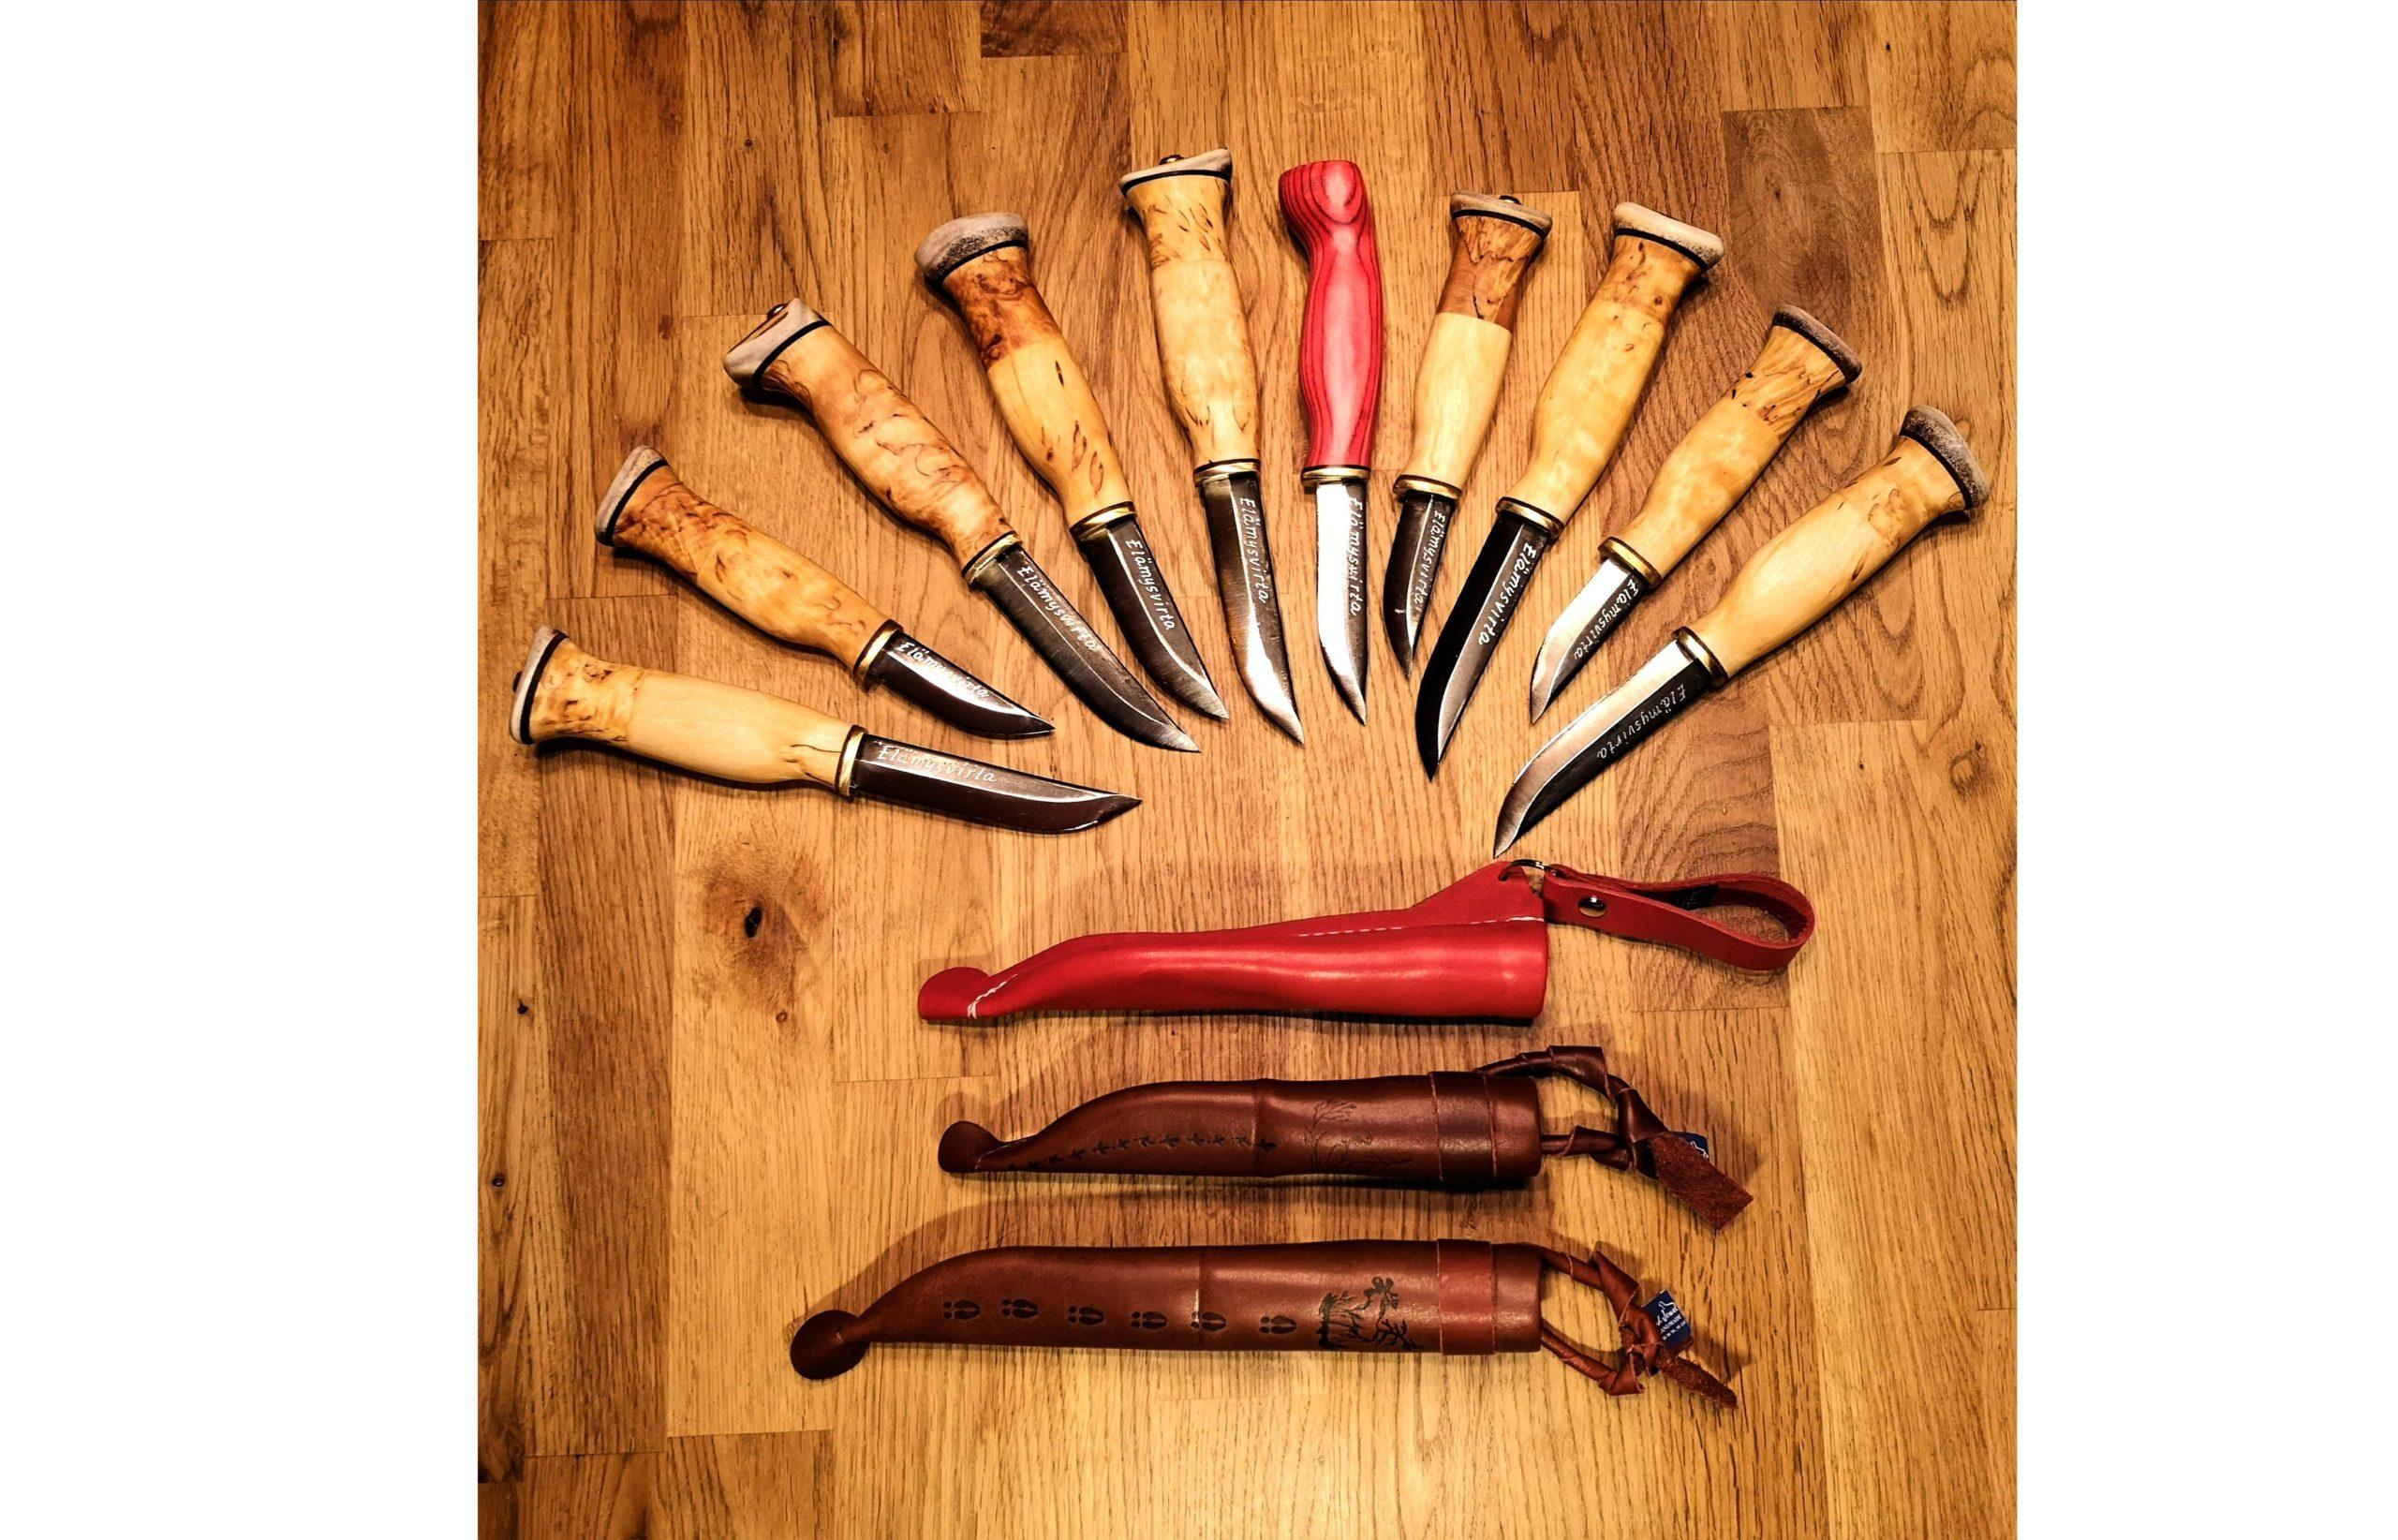 Wood Jewel Knife